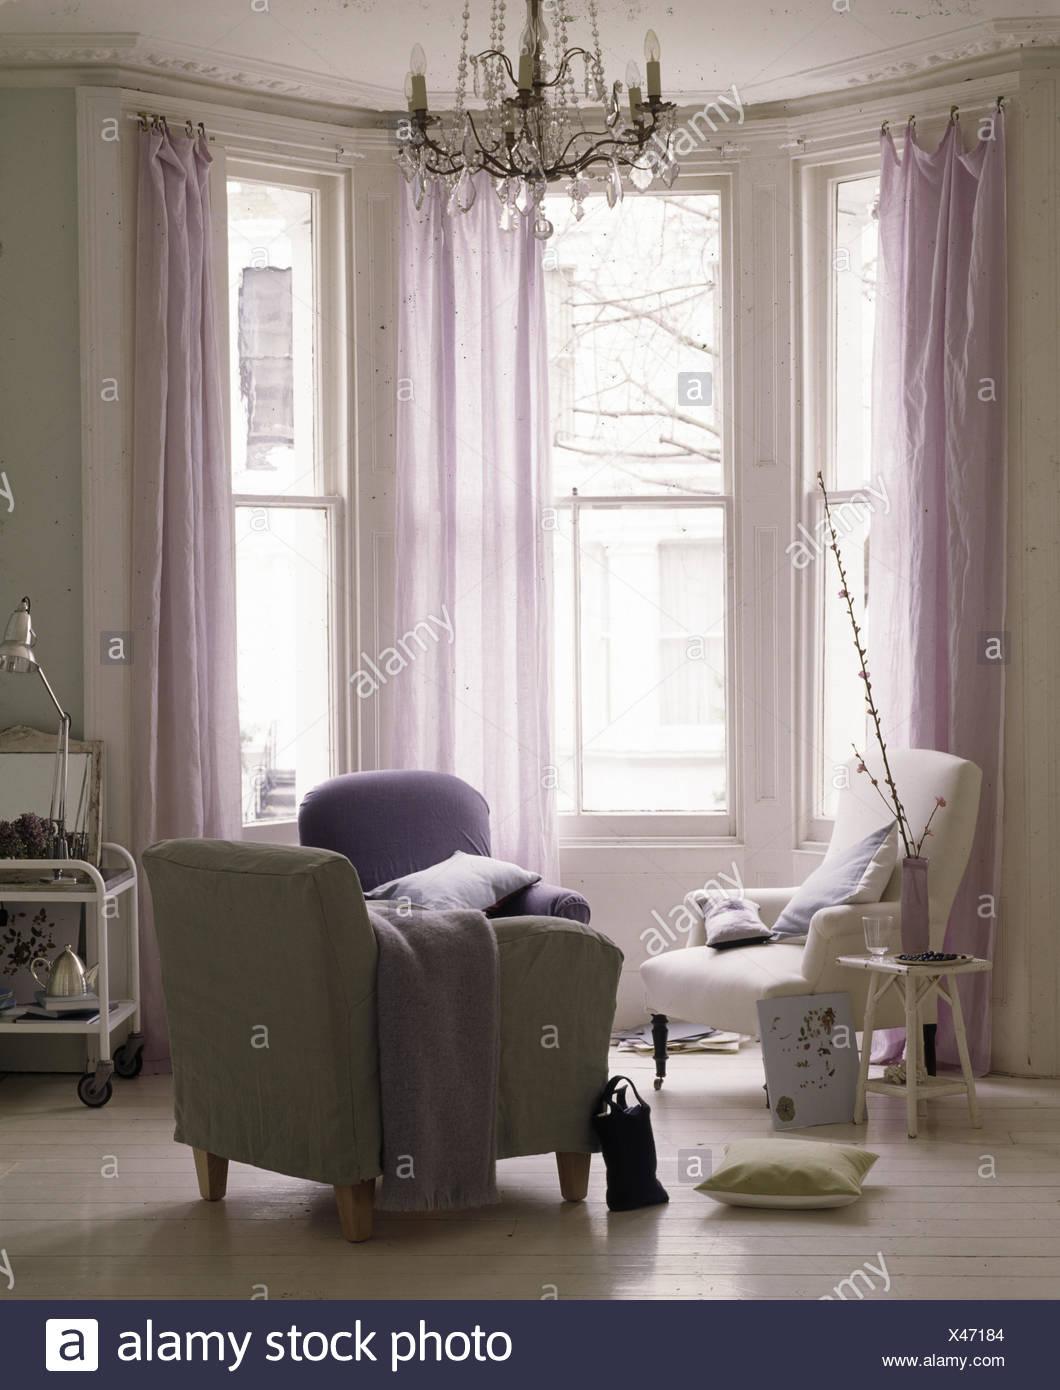 Erkerfenster mit schierer mauve Vorhänge in modern ...